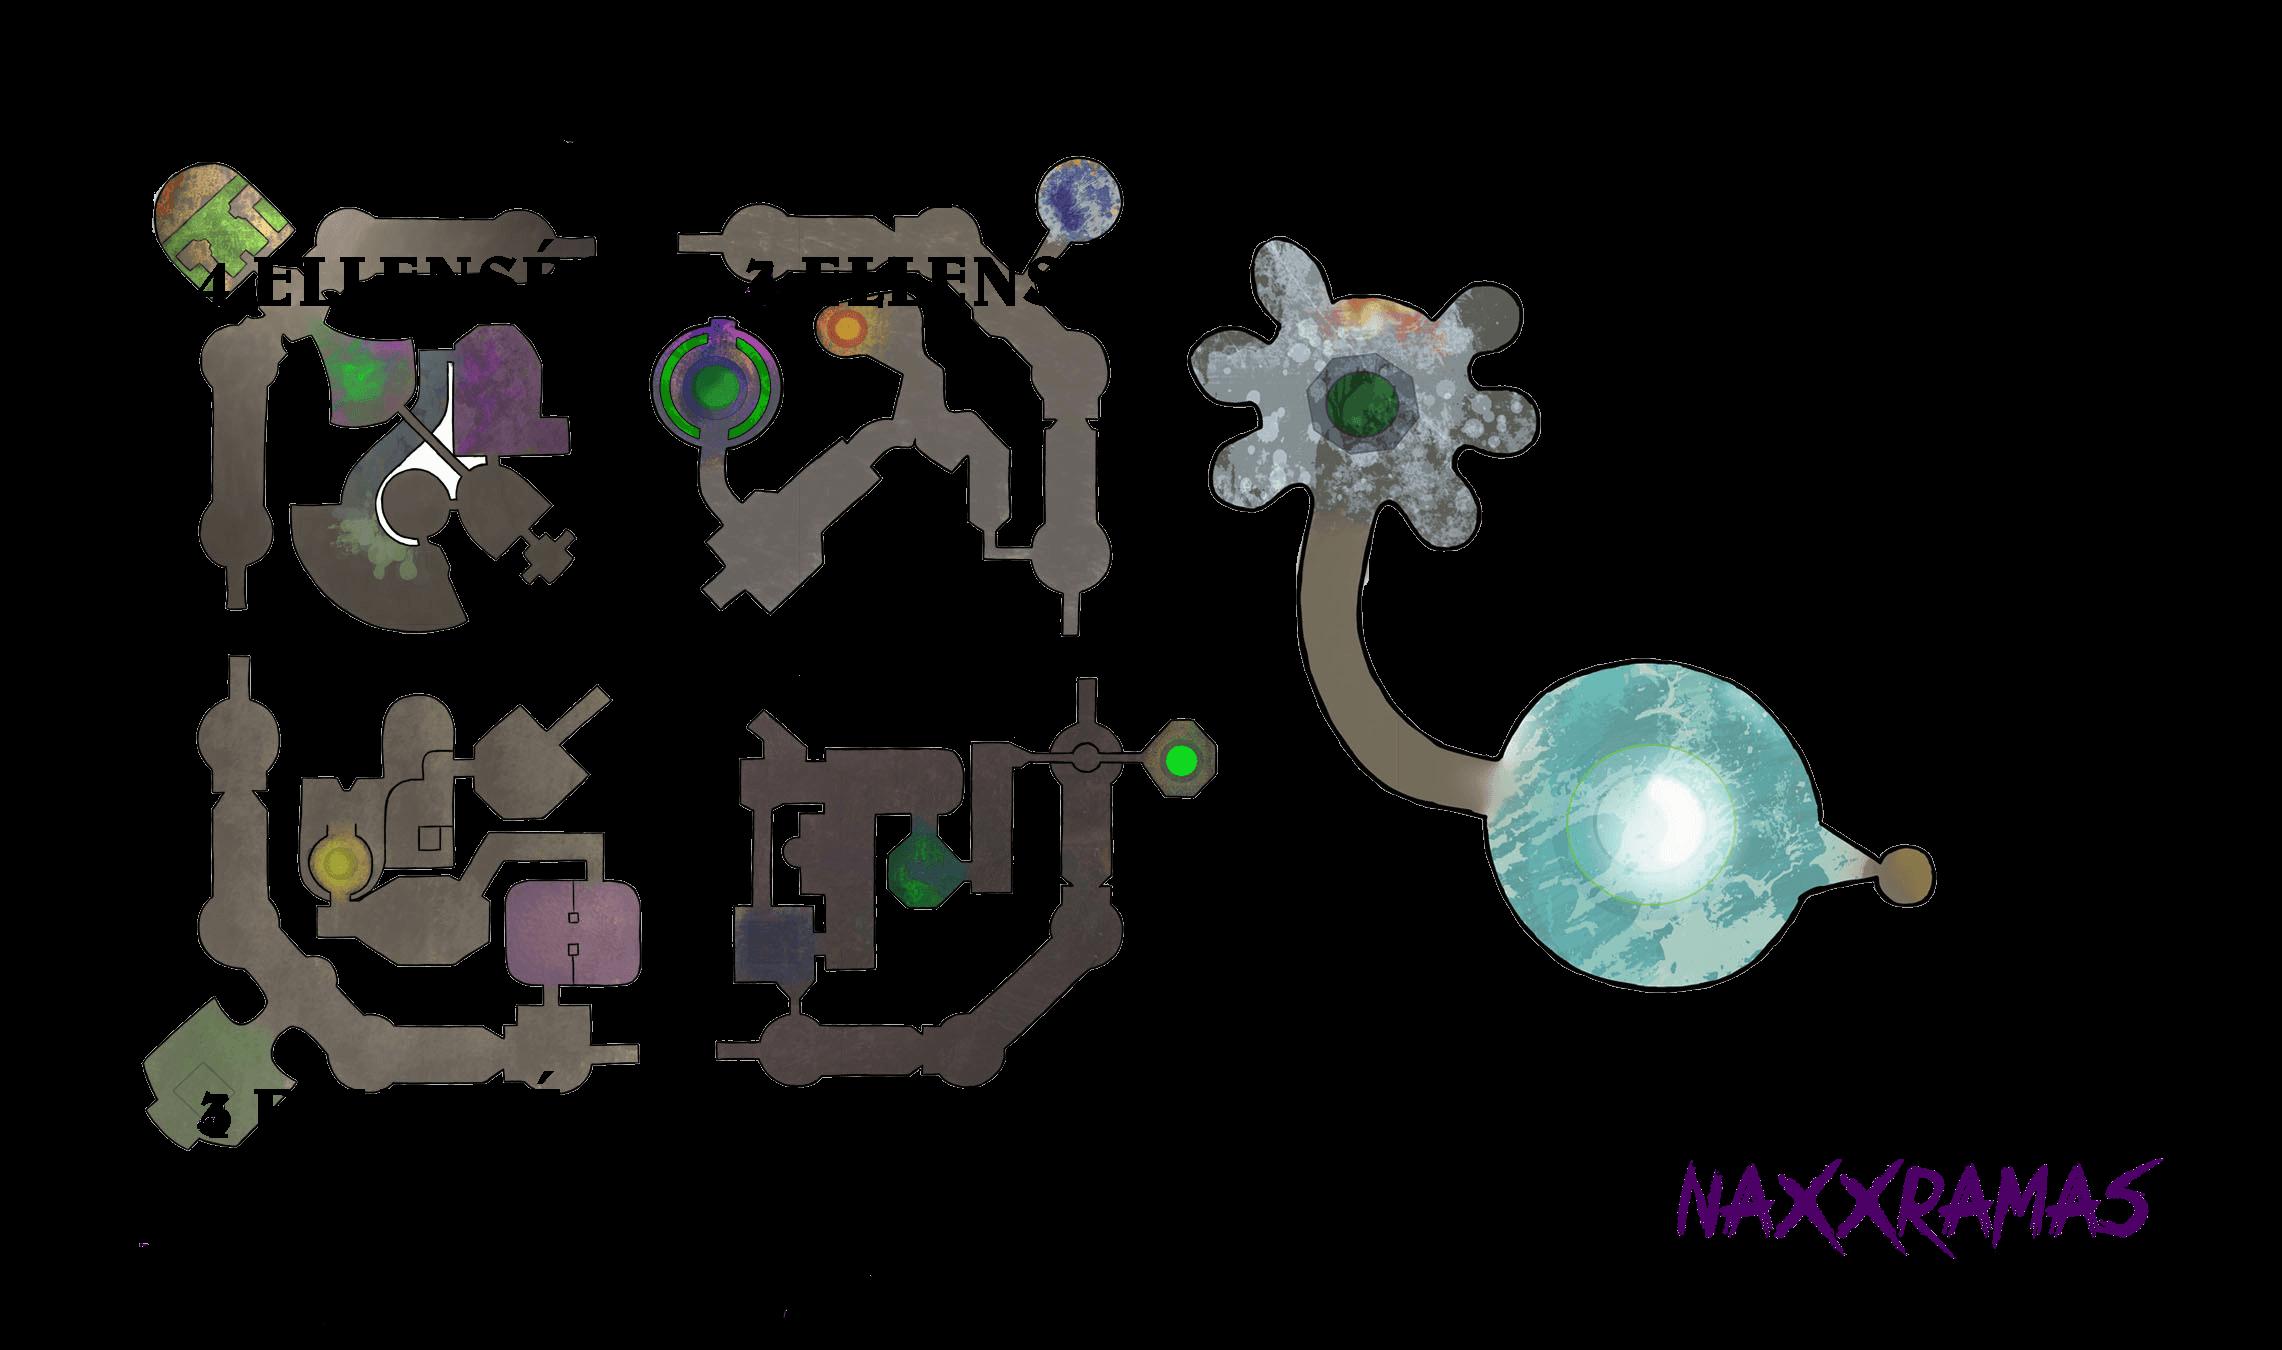 Naxxramas Hearthstona map